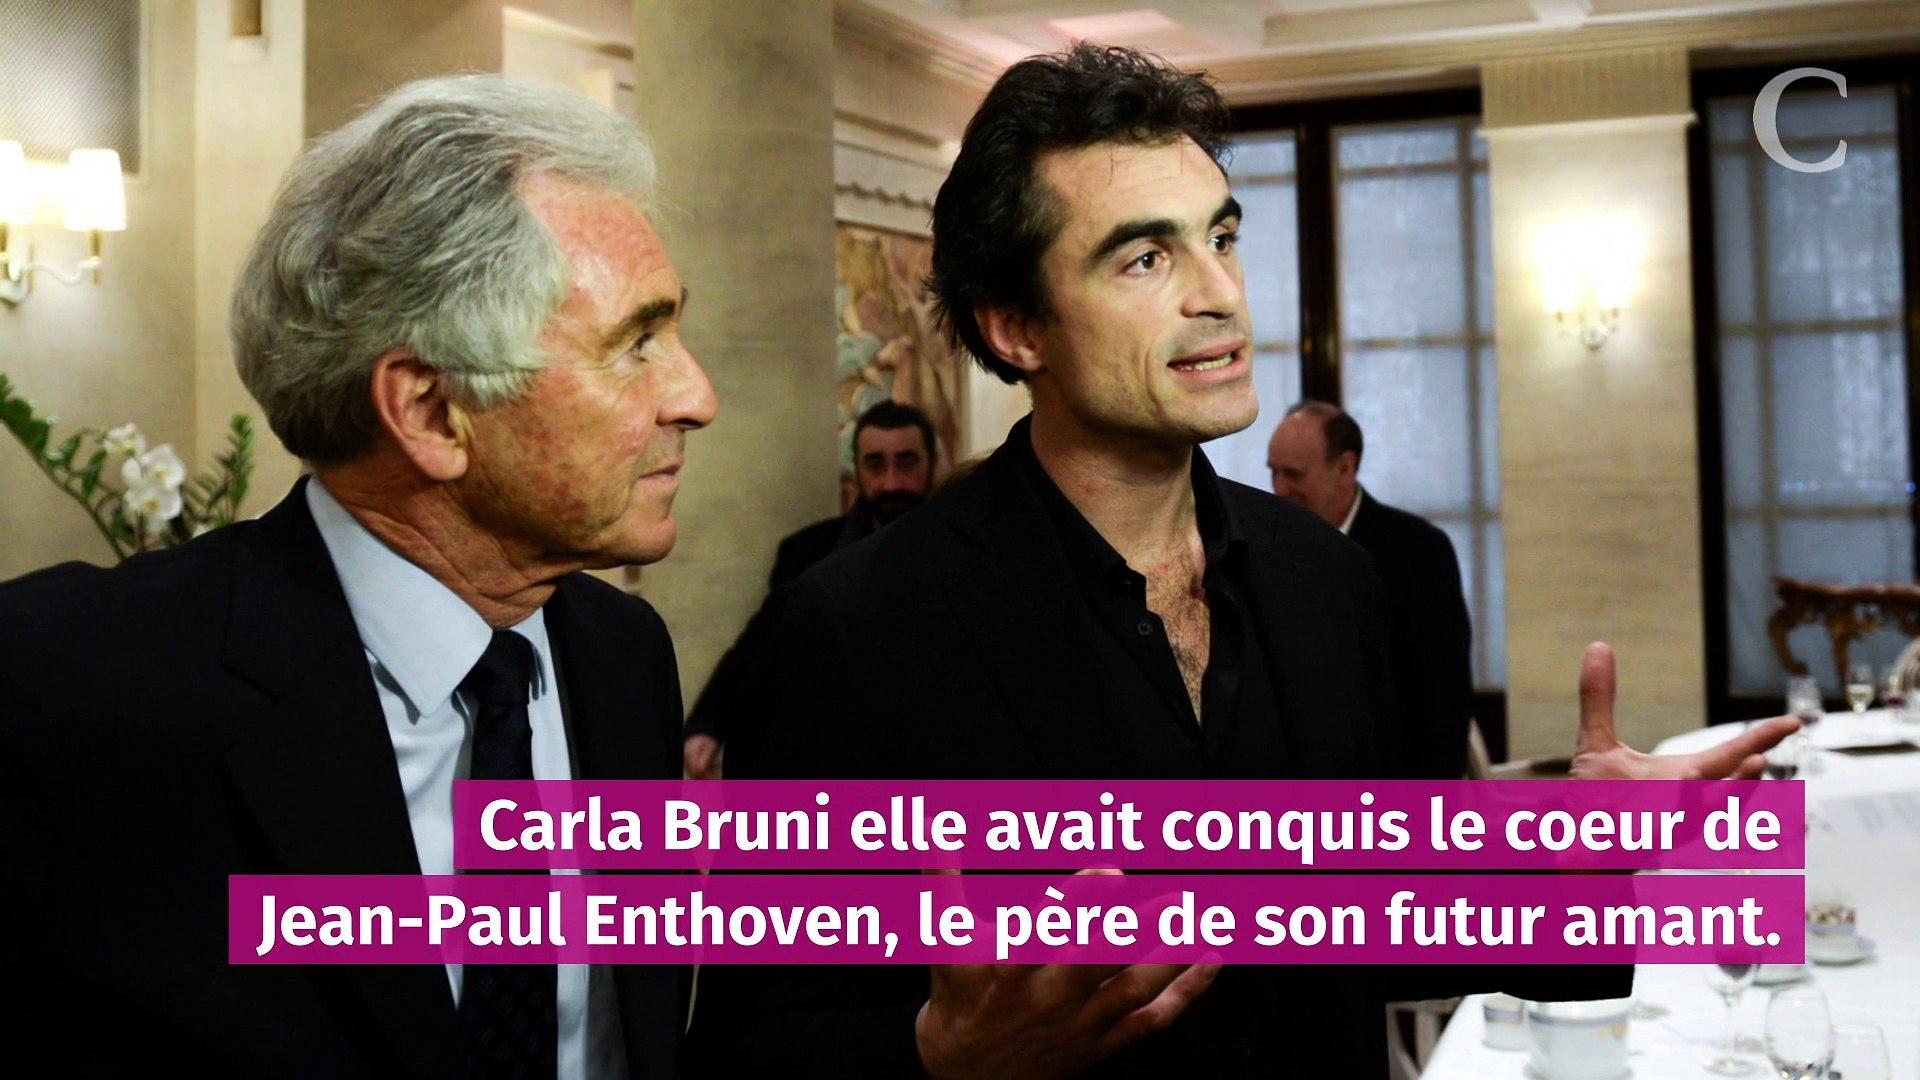 Raphael Enthoven Ses Confidences Sur Son Coup De Foudre Pour Carla Bruni Video Dailymotion